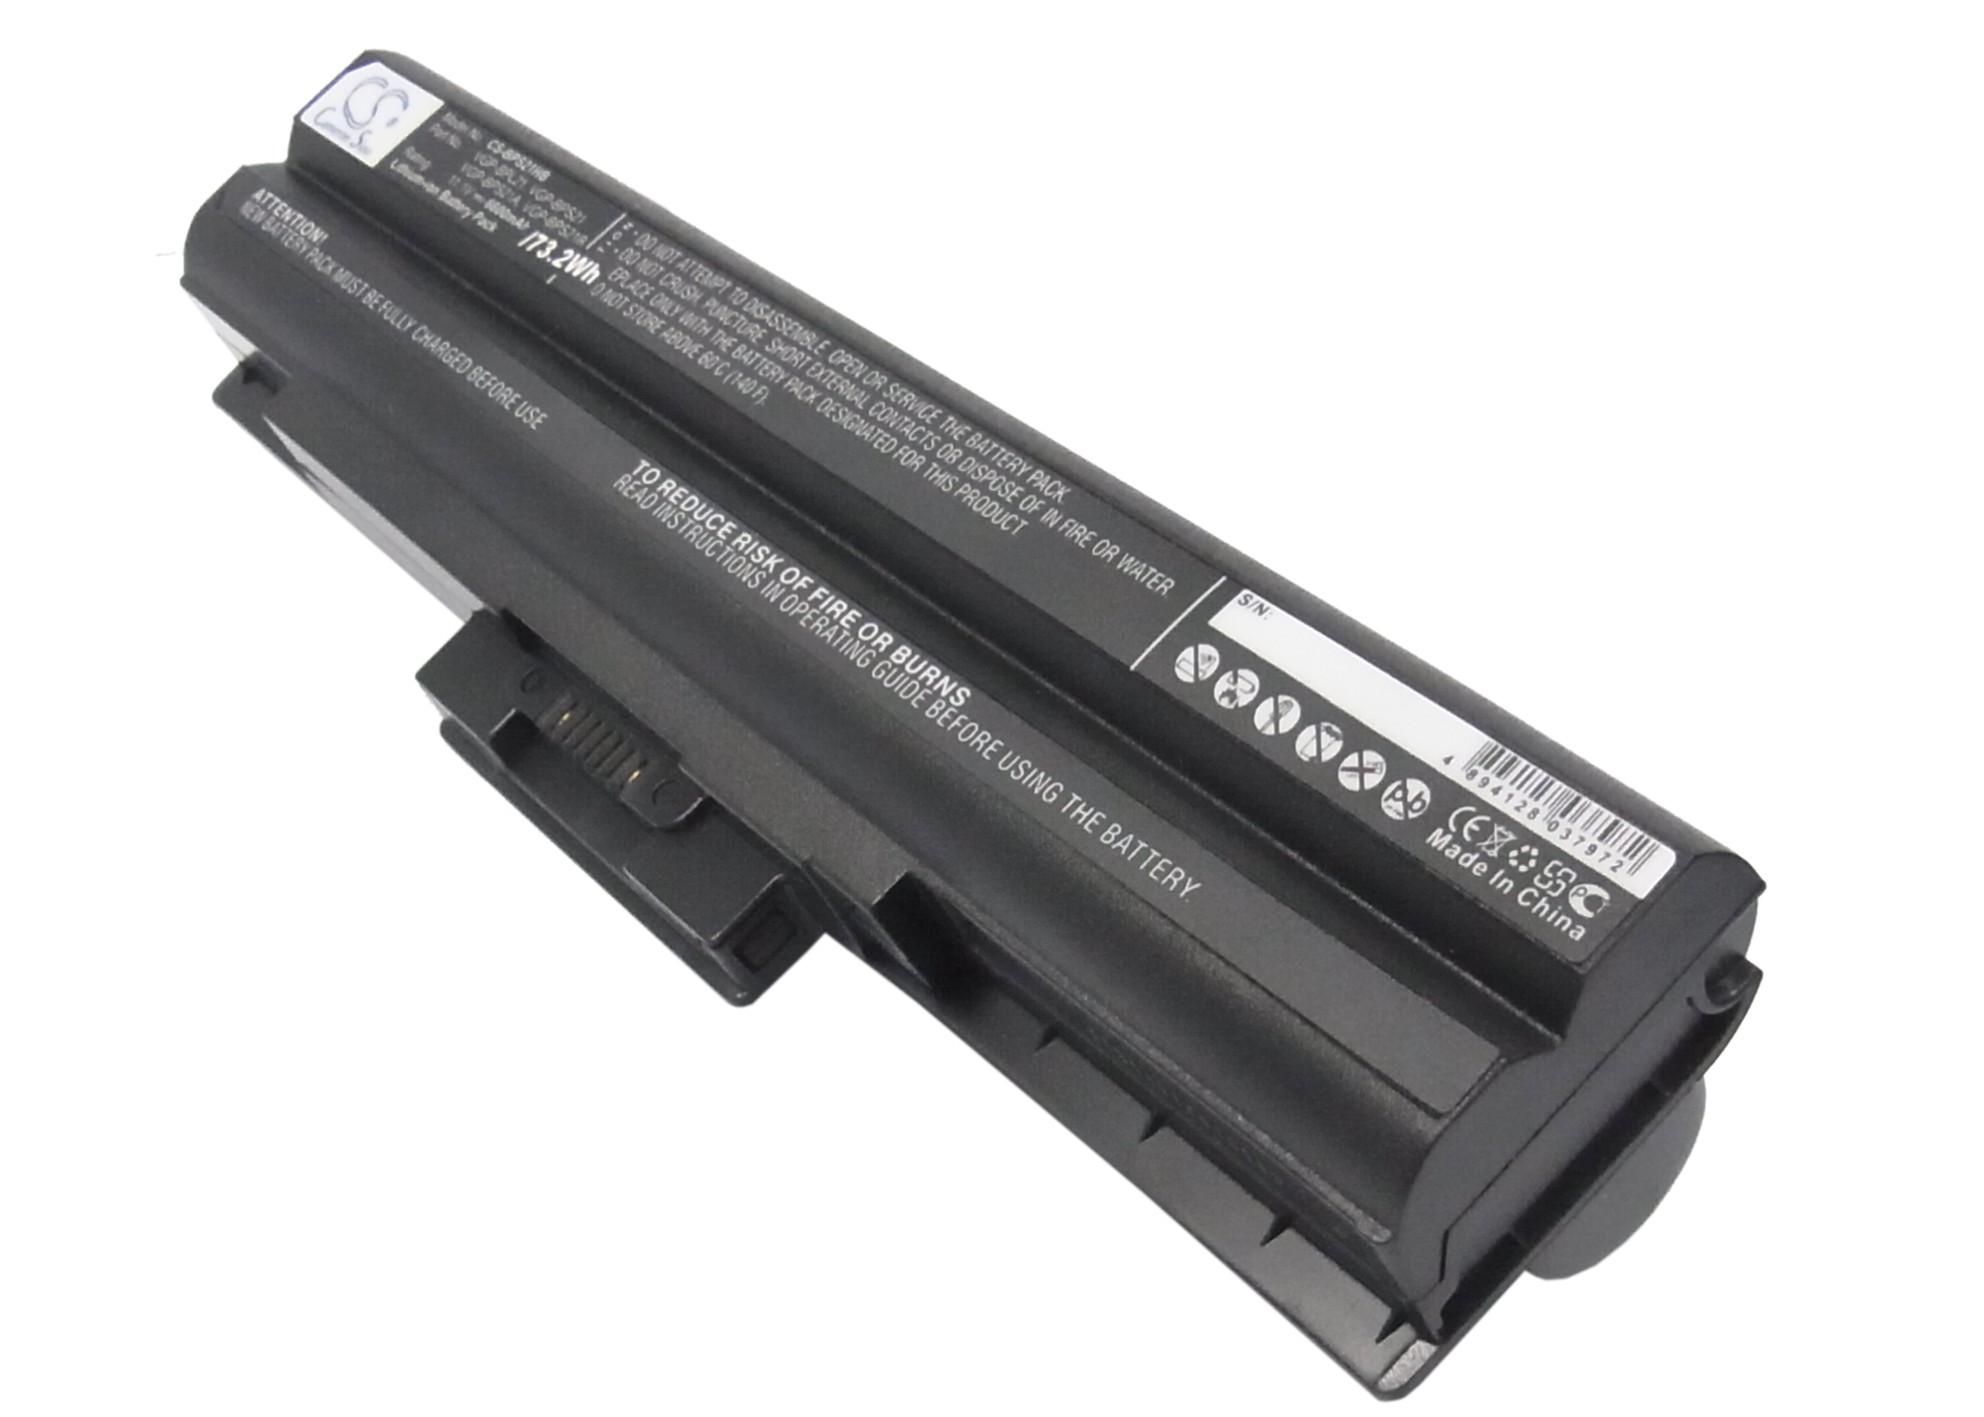 Cameron Sino baterie do notebooků pro SONY VAIO VGN-NW21MF 11.1V Li-ion 6600mAh černá - neoriginální